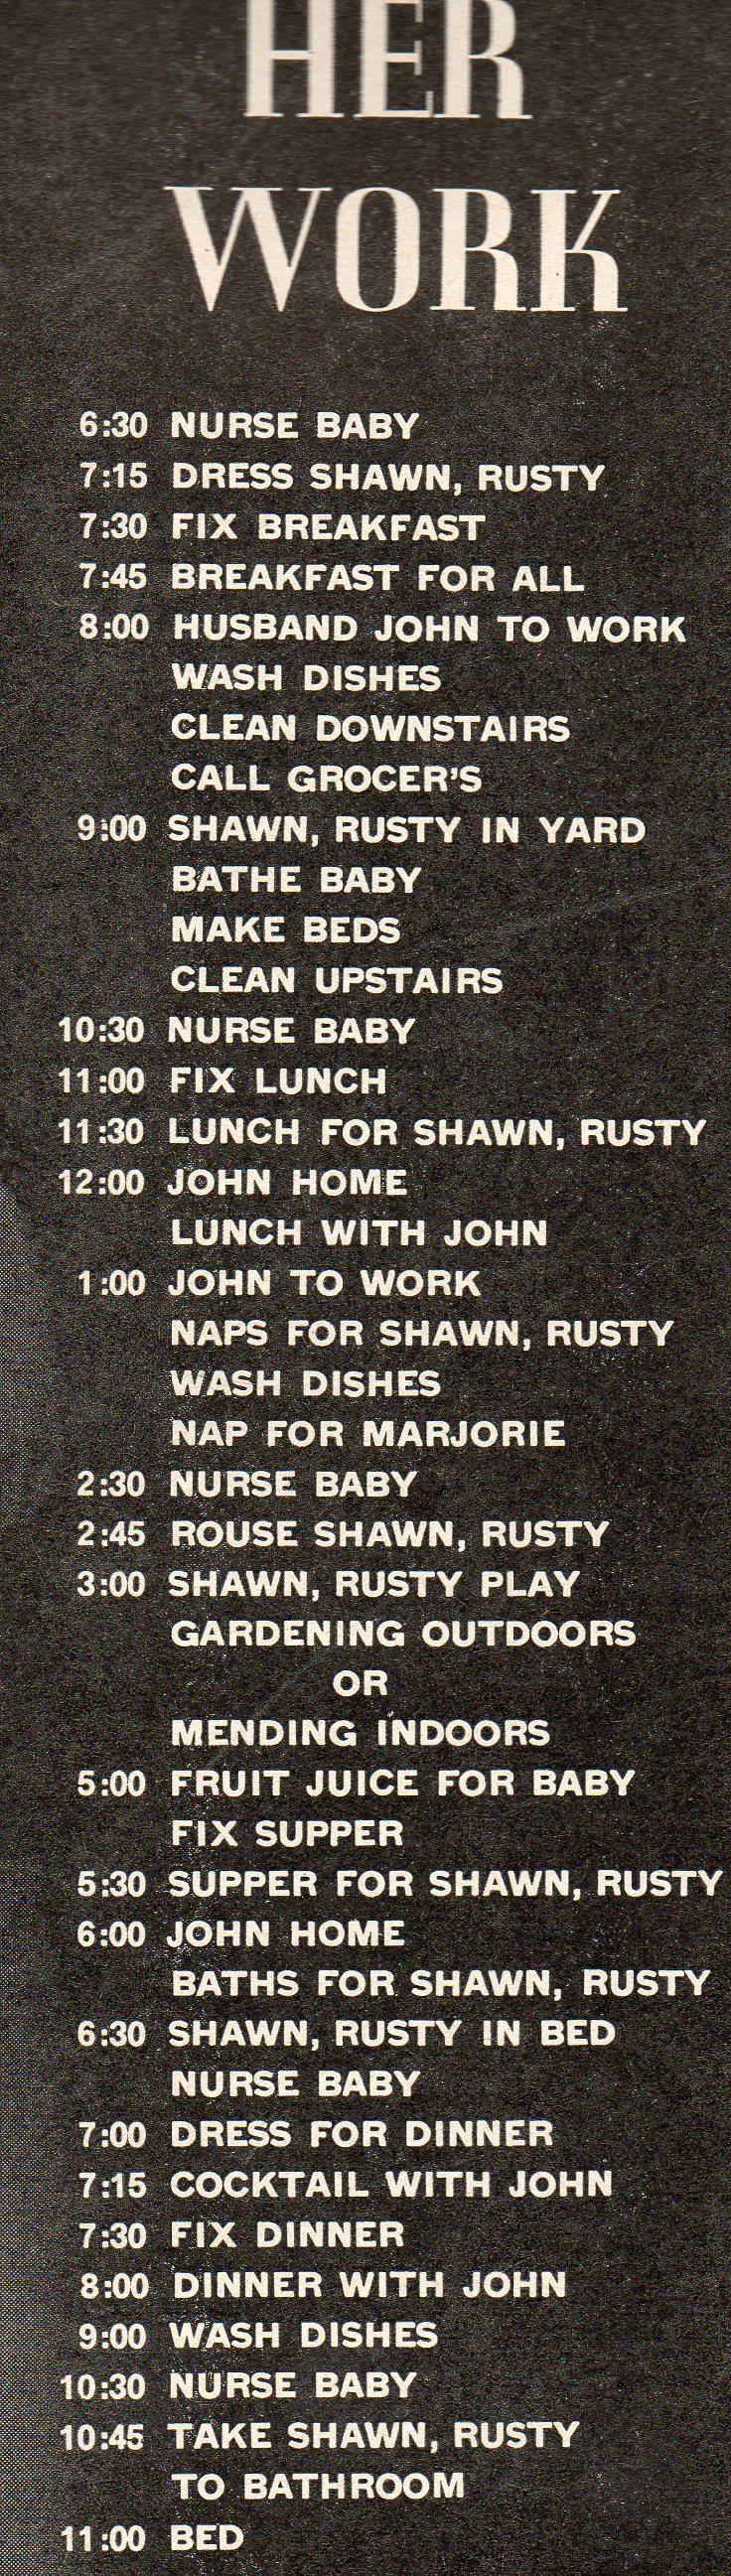 0000 woman chores list024